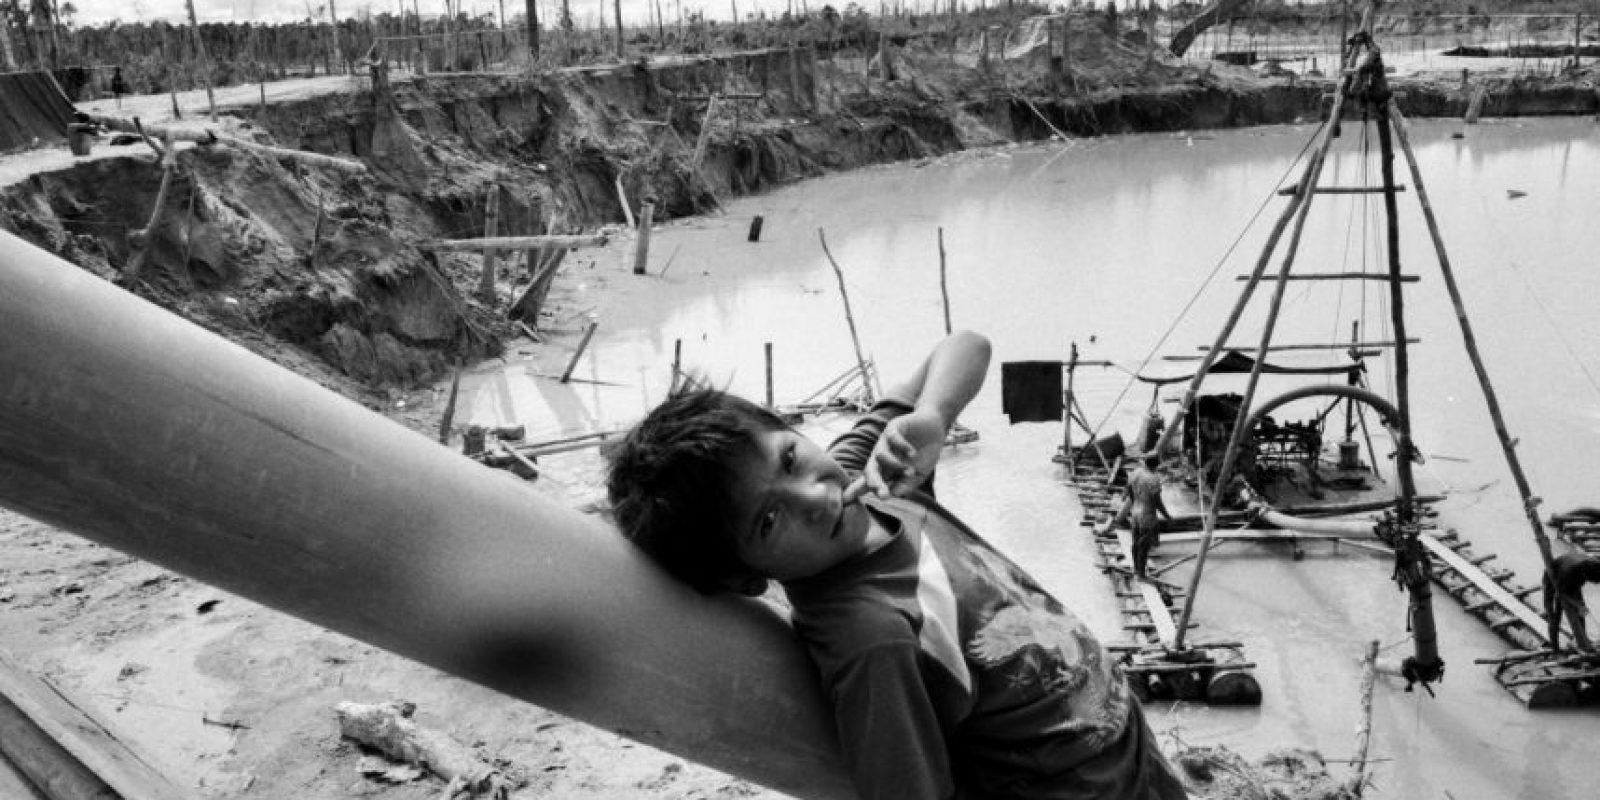 """En esta foto tomada el 28 de mayo 2014, un niño se apoya en un tubo que es parte de un surtidor hidráulico conocido localmente como """"chupadera"""", en un improvisado campamento minero en La Pampa, en la región Madre de Dios, Perú. La minería ilegal de oro no es la mayor amenaza para la selva de Perú. Eso viene de la agricultura a pequeña escala por inmigrantes pobres de las tierras altas del país andino, dijo el ministro del Ambiente, Manuel Pulgar-Vidal. La tala y las plantaciones ilegales de aceite de palma también representan un problema para la selva. La toxicidad del mercurio ha contaminado la cadena alimentaria, incluidos los peces, principal fuente de proteínas de la población local. El país pierde cientos de millas cuadradas de un año debido a la deforestación. Foto:AP Photo/ Rodrigo Abd"""